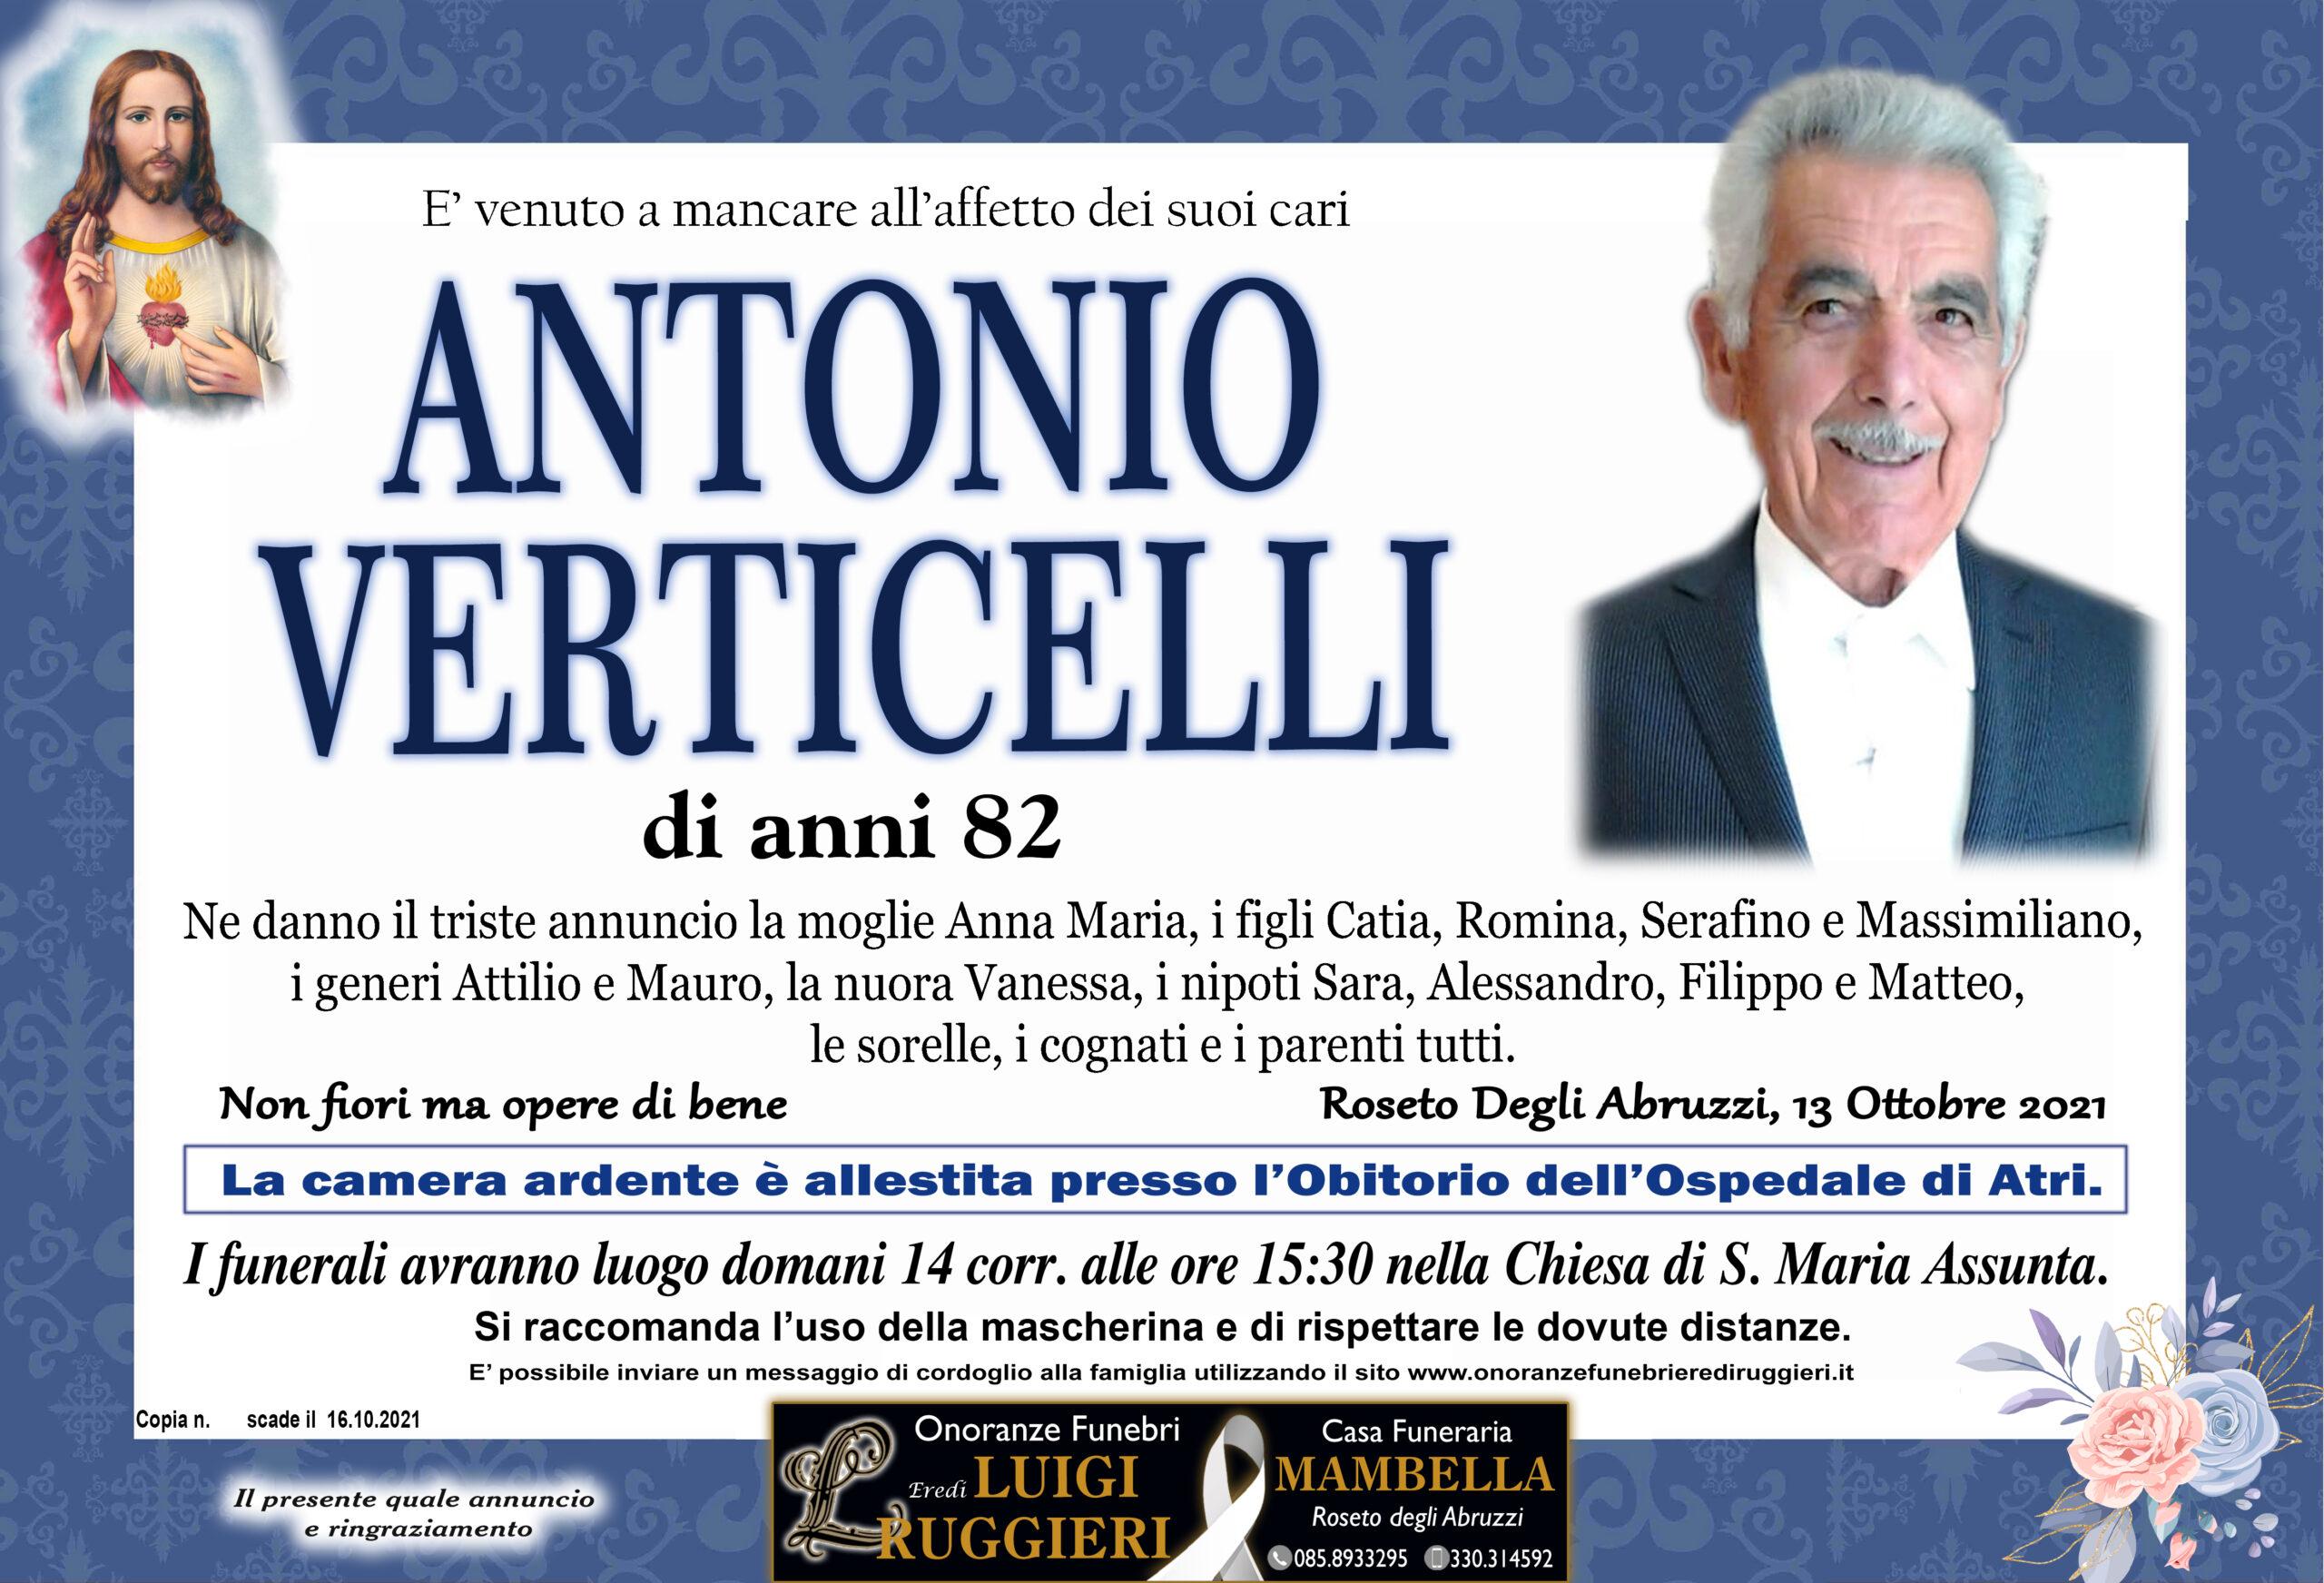 Antonio Verticelli